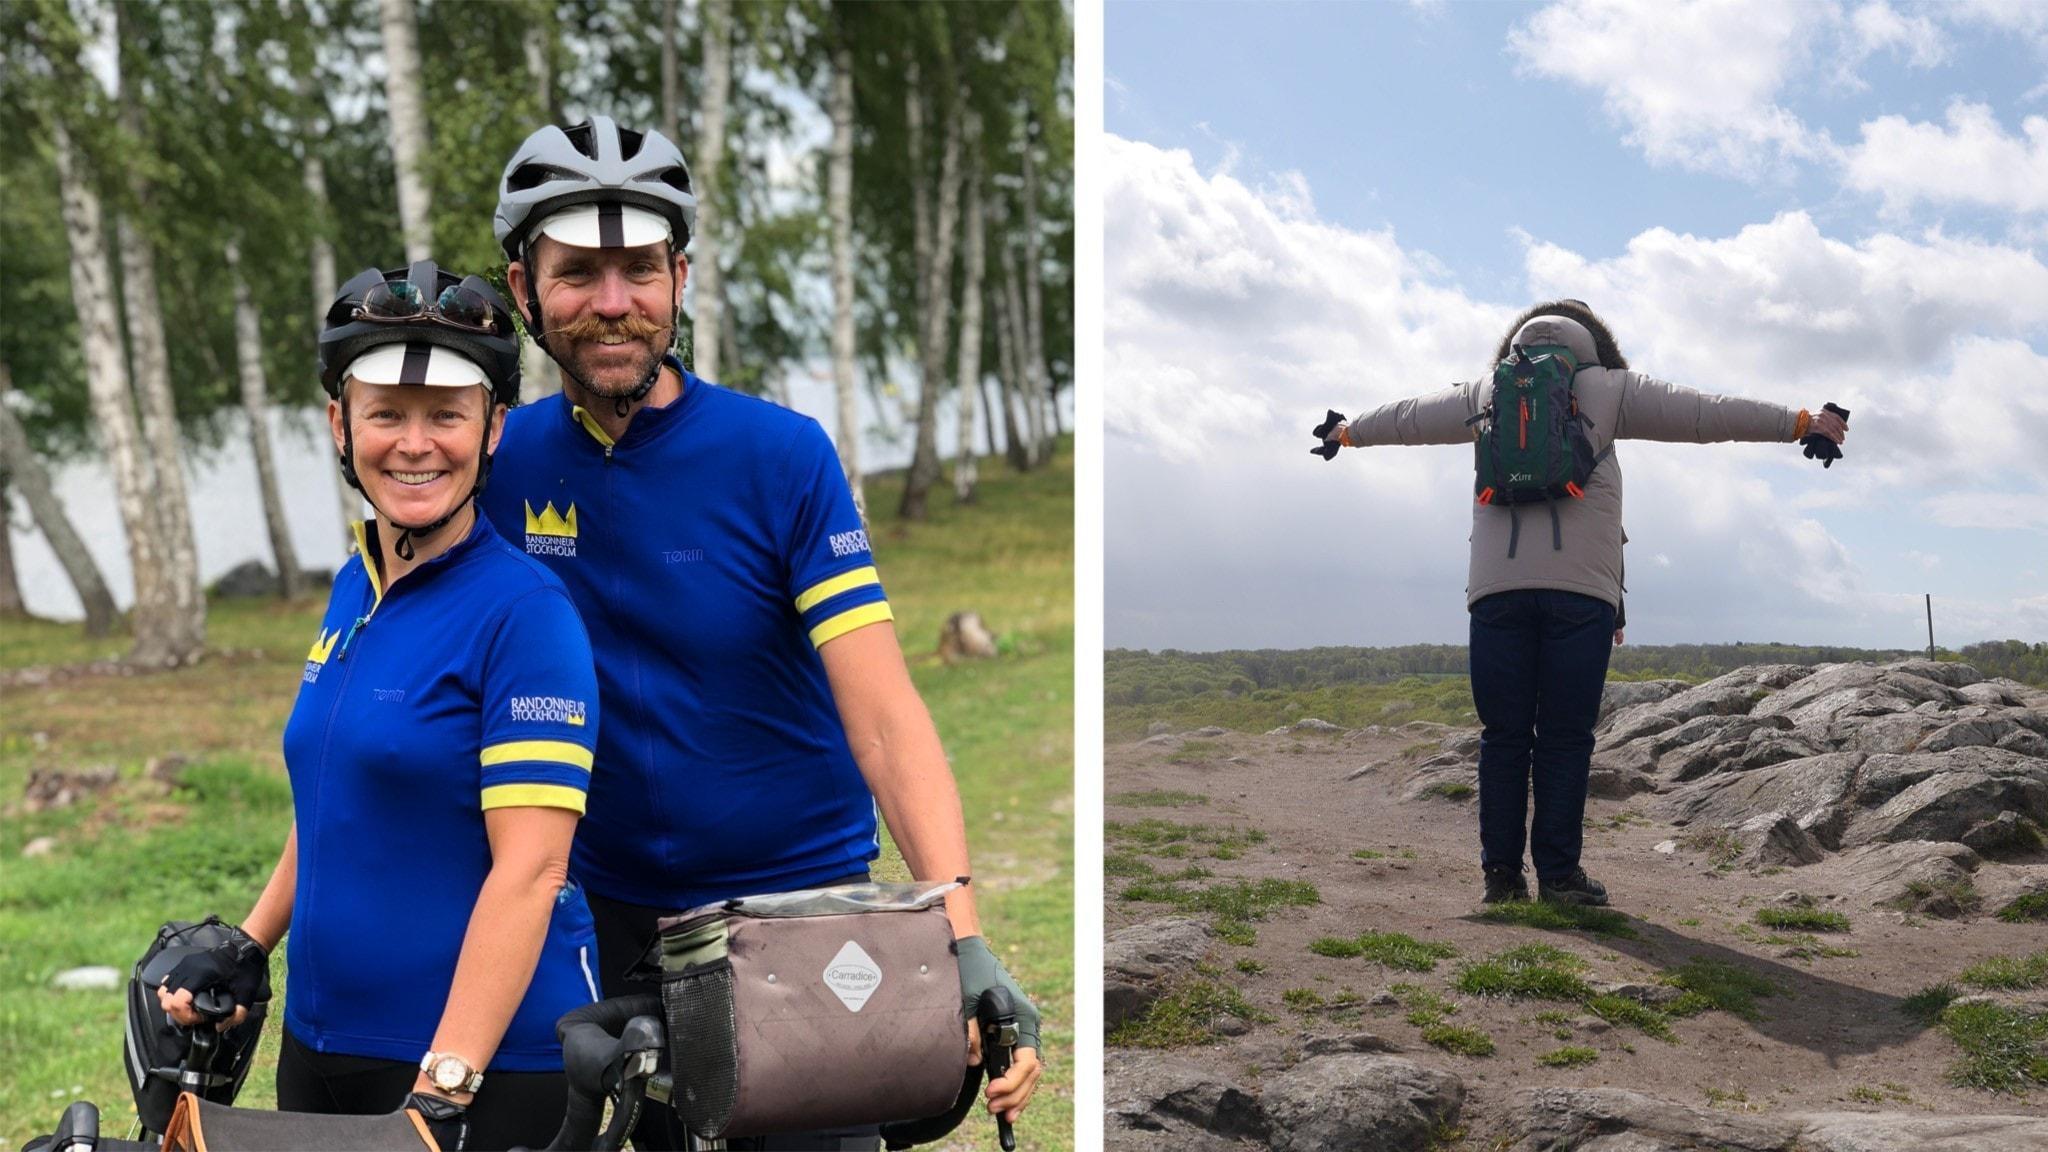 Åsa och Henrik Hittig står vid sina cyklar och ler mot kameran. Till höger står en man med vinterjacka med ryggen mot kameran och sträcker ut händerna.